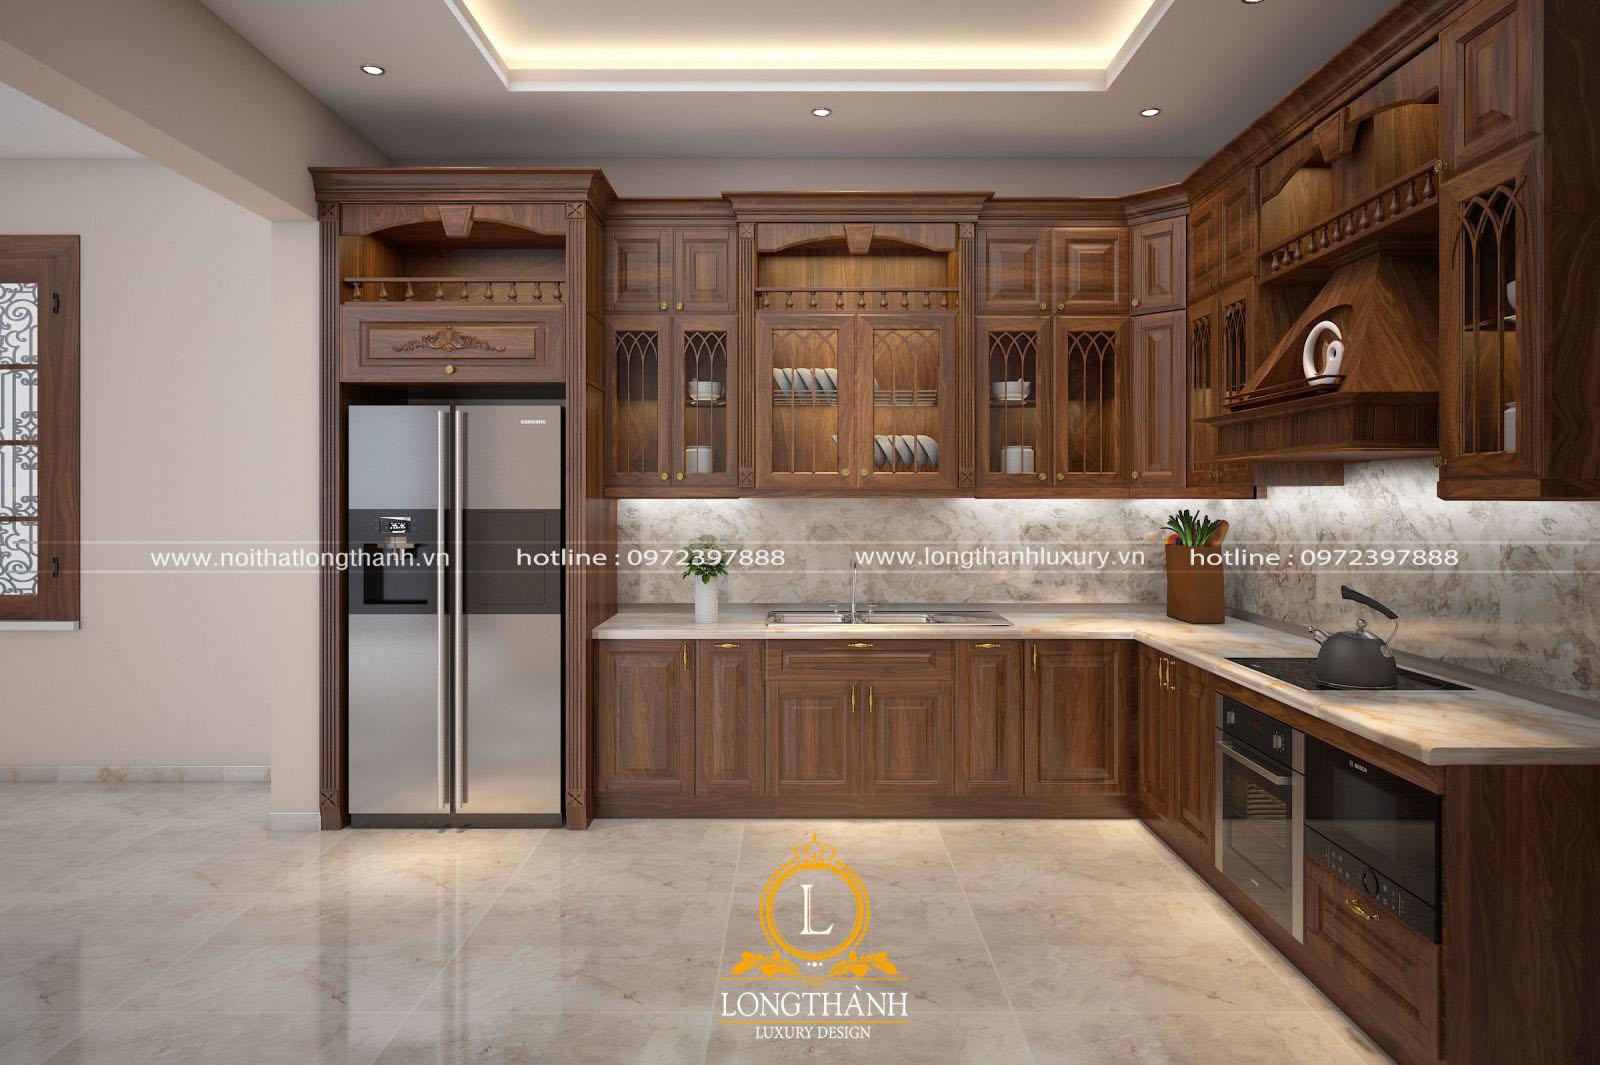 Lựa chọn tủ bếp gỗ tự nhiên luôn mang đến vẻ đẹp tinh tế và ấn tượng